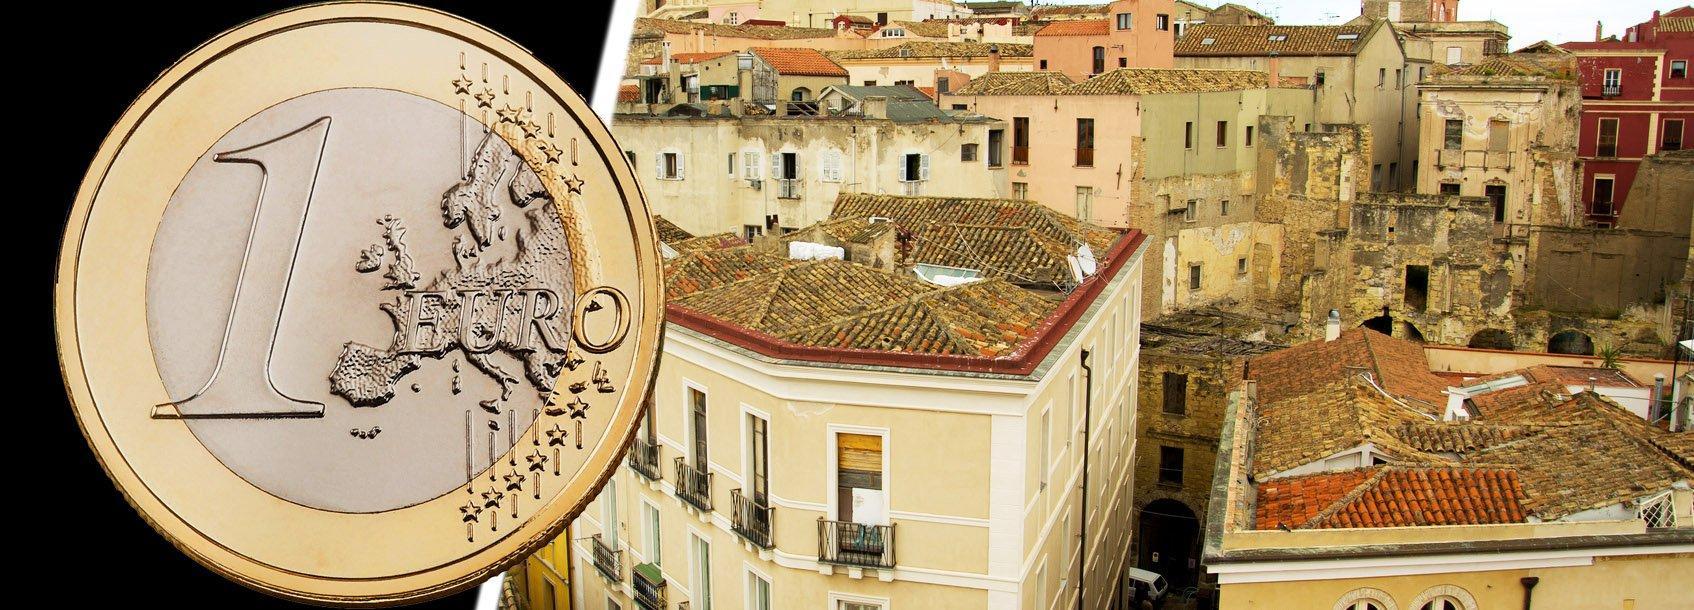 Centri storici ecco dove comprare casa a 1 euro e ristrutturarla cose di casa - Dove comprare mobili ...